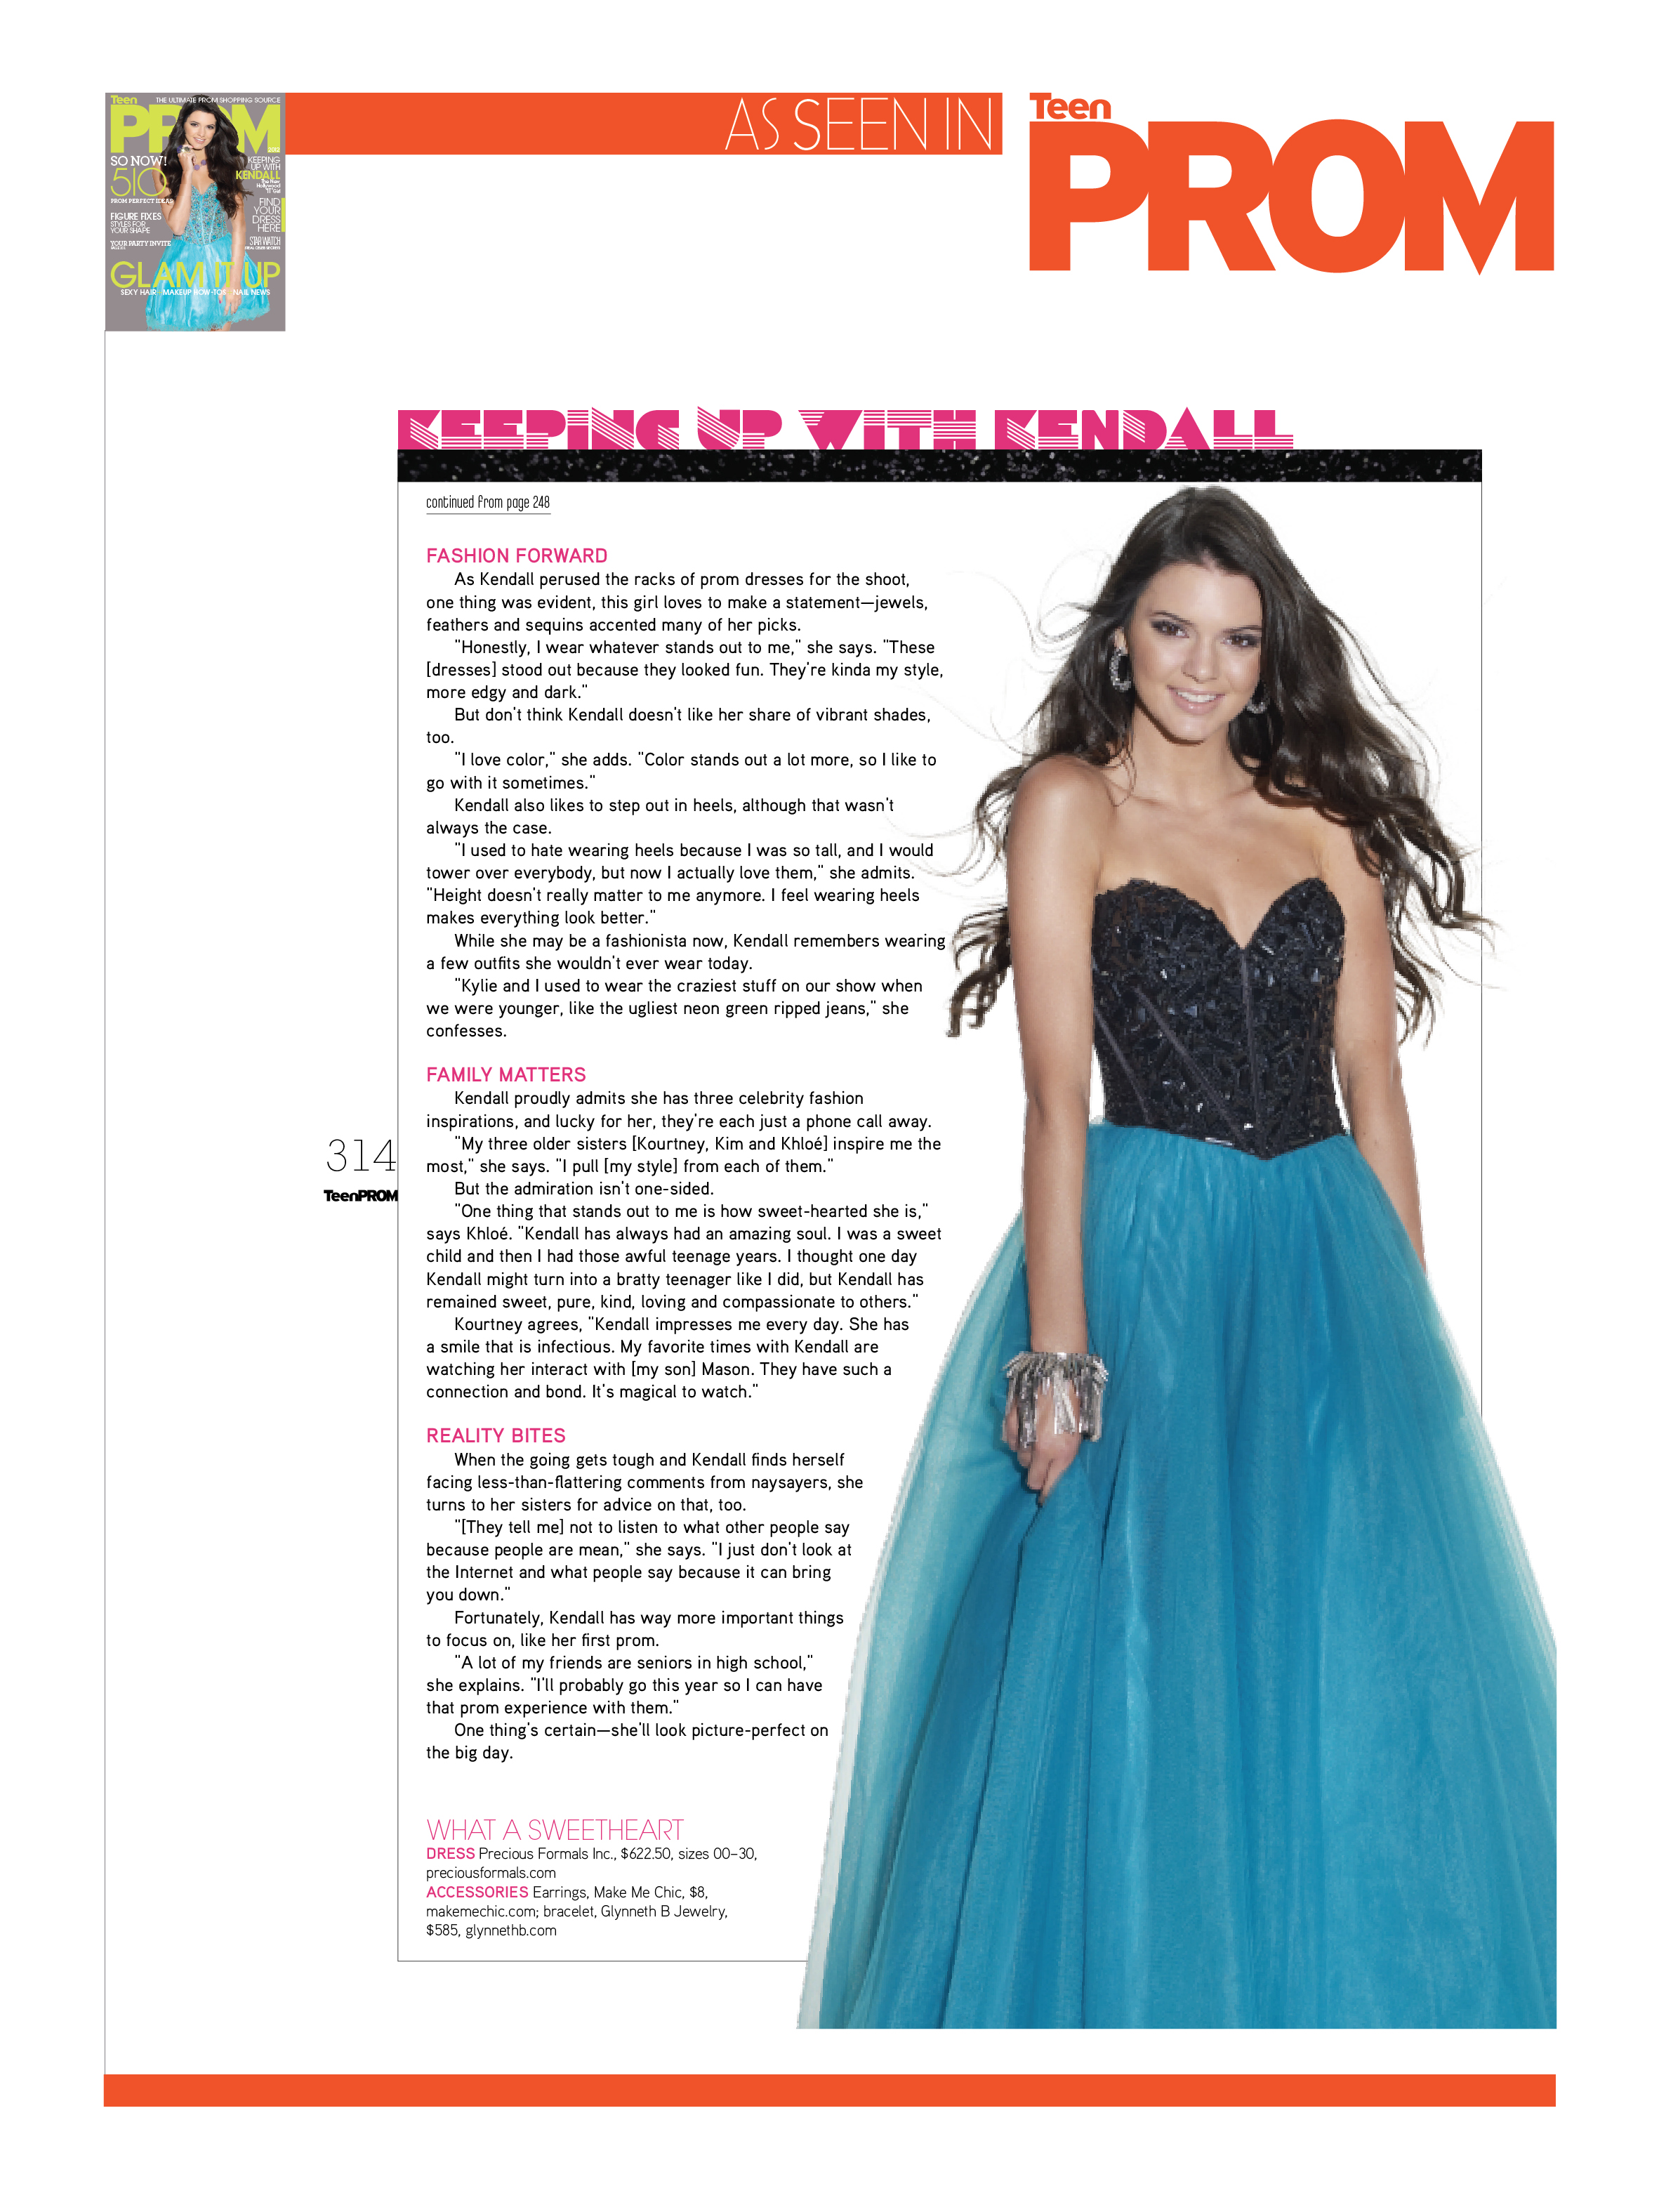 Teen PromMagazine.